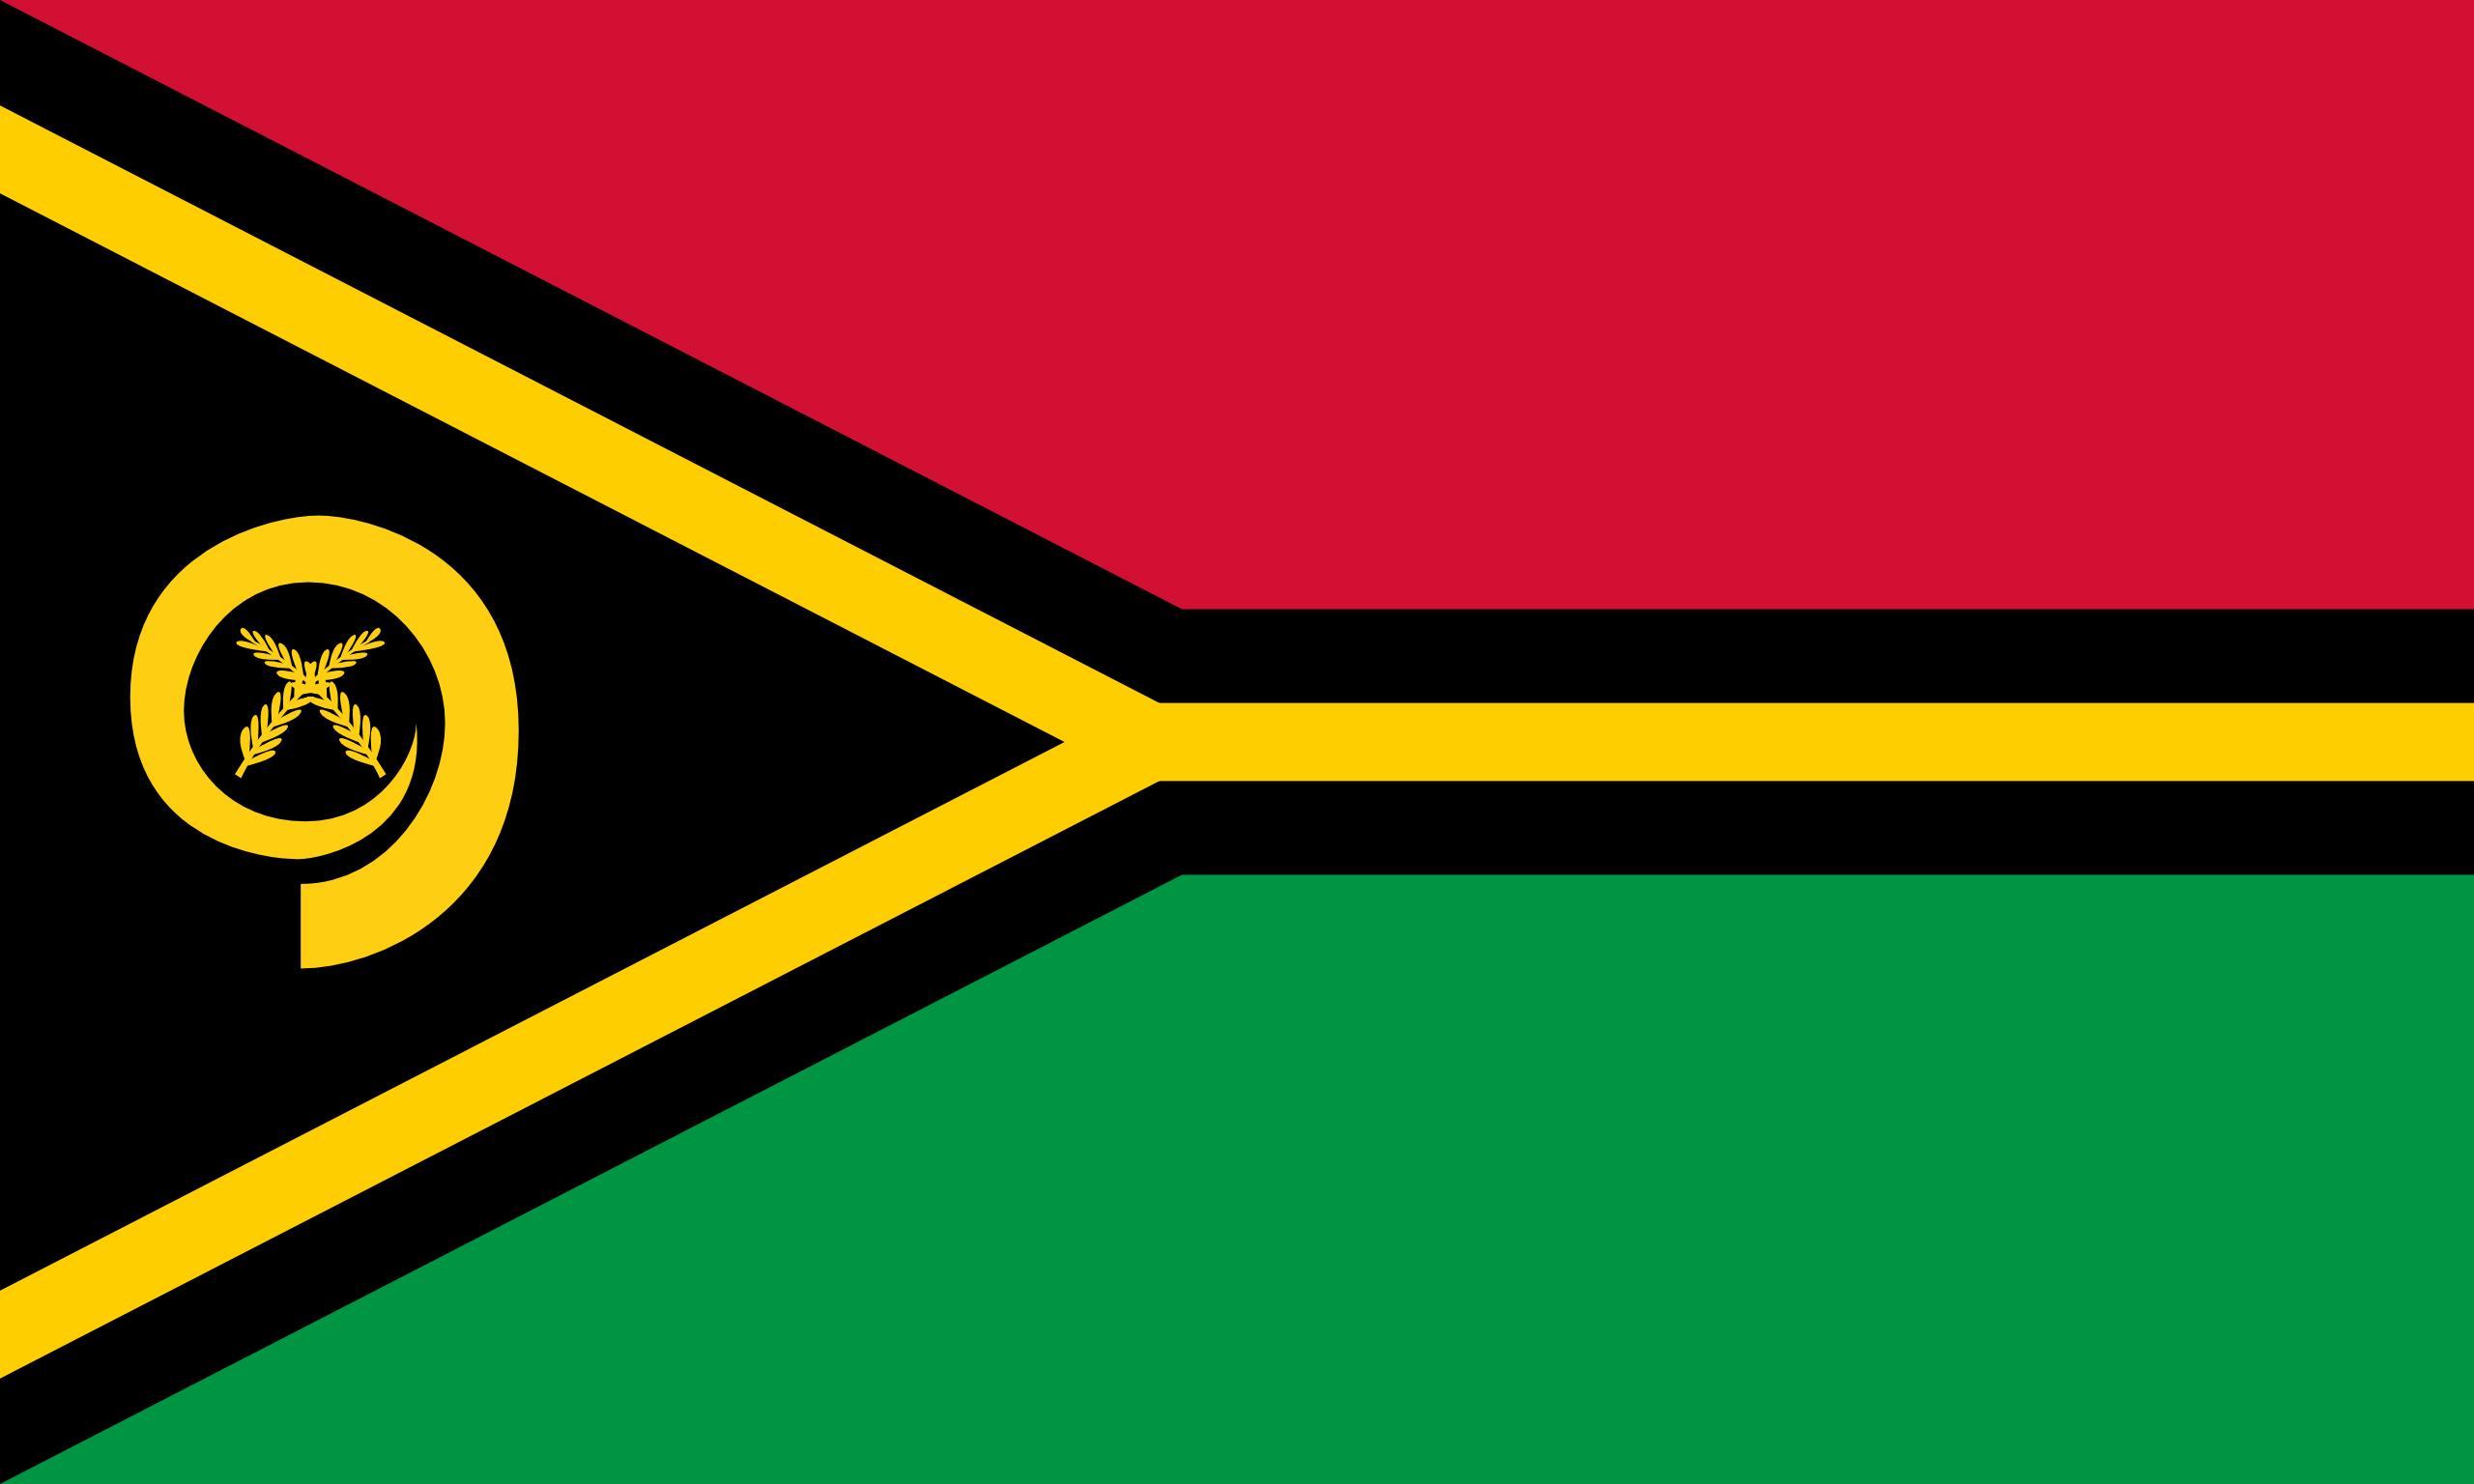 瓦努阿图, 国家, 会徽, 徽标, 符号 - 高清壁纸 - 教授-falken.com